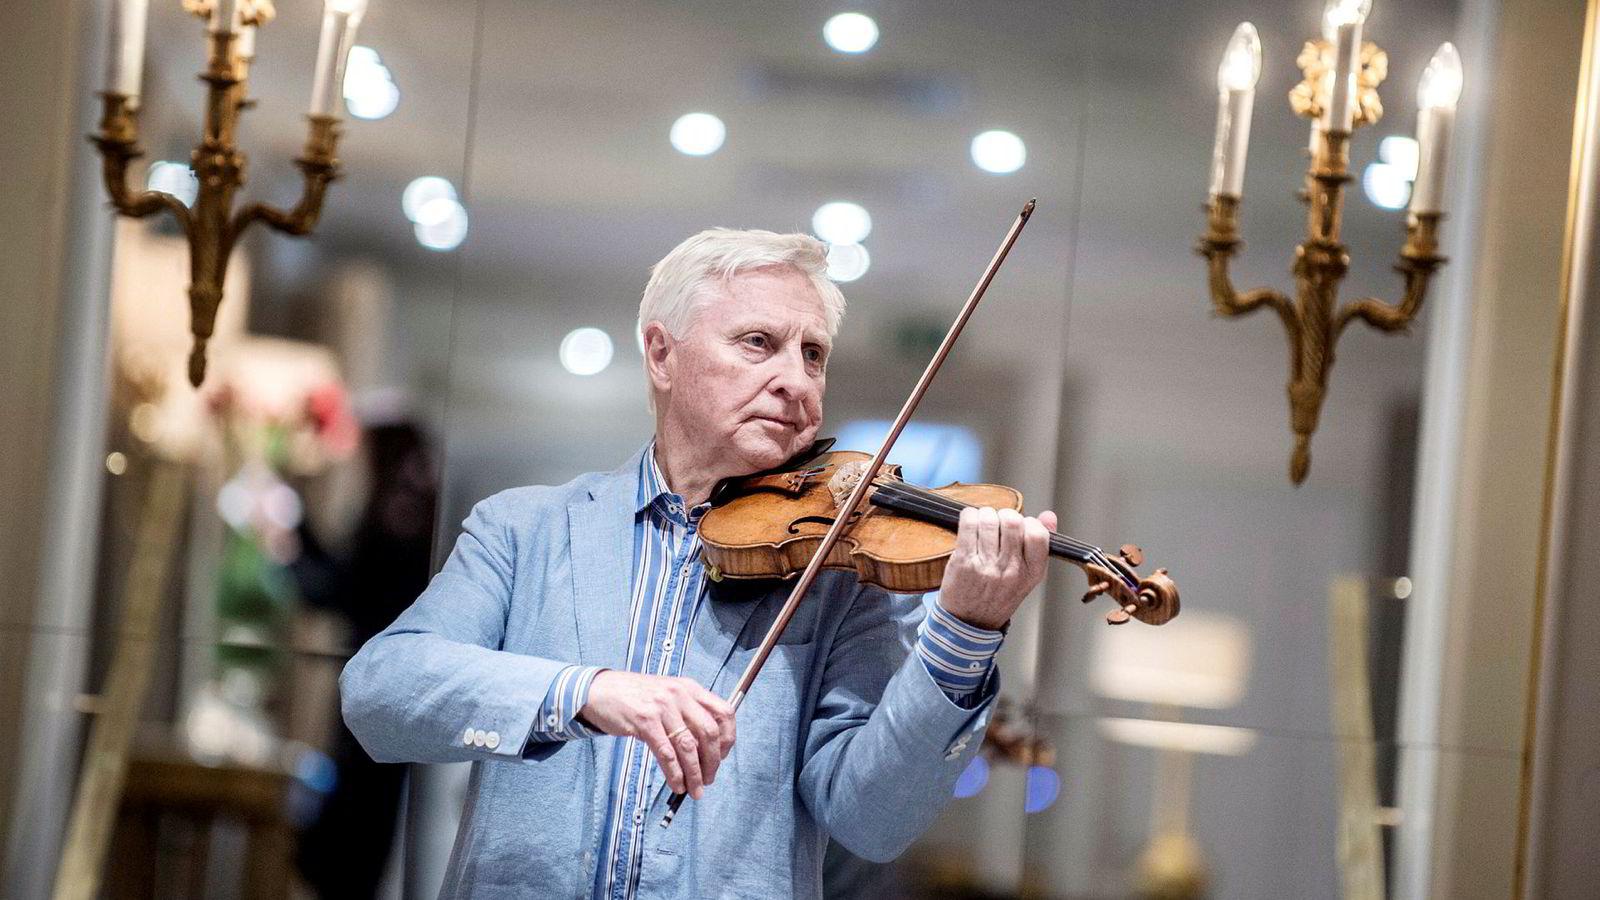 Arve Tellefsens fiolin er en Guarnerius fra 1741, bygget av en av de største fiolinmakerne, Giuseppe Guarneri del Gesù (1698–1744), i Cremona i Italia.